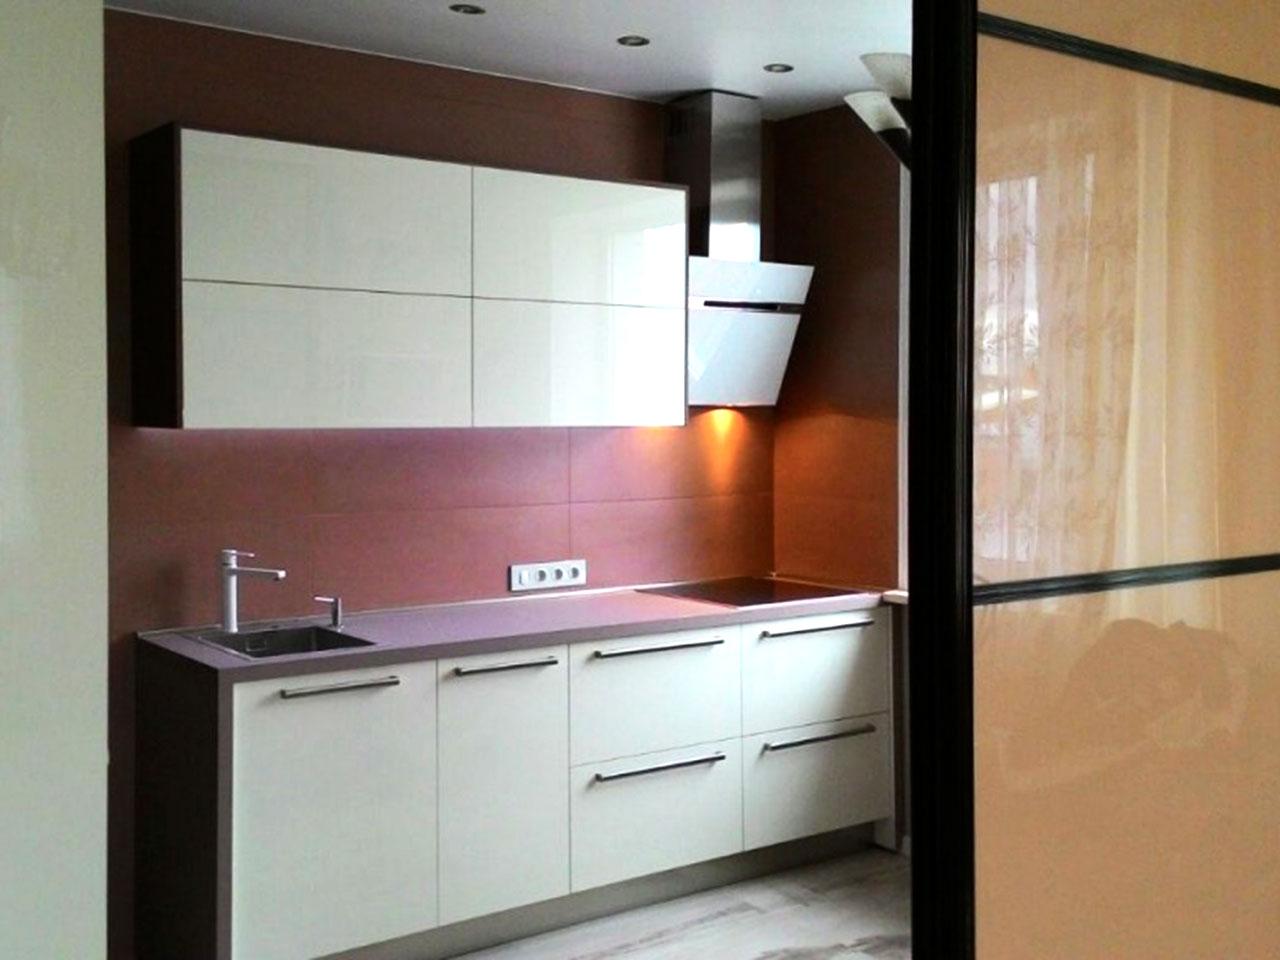 Фото. Кухня на заказ 220 тыс рублей